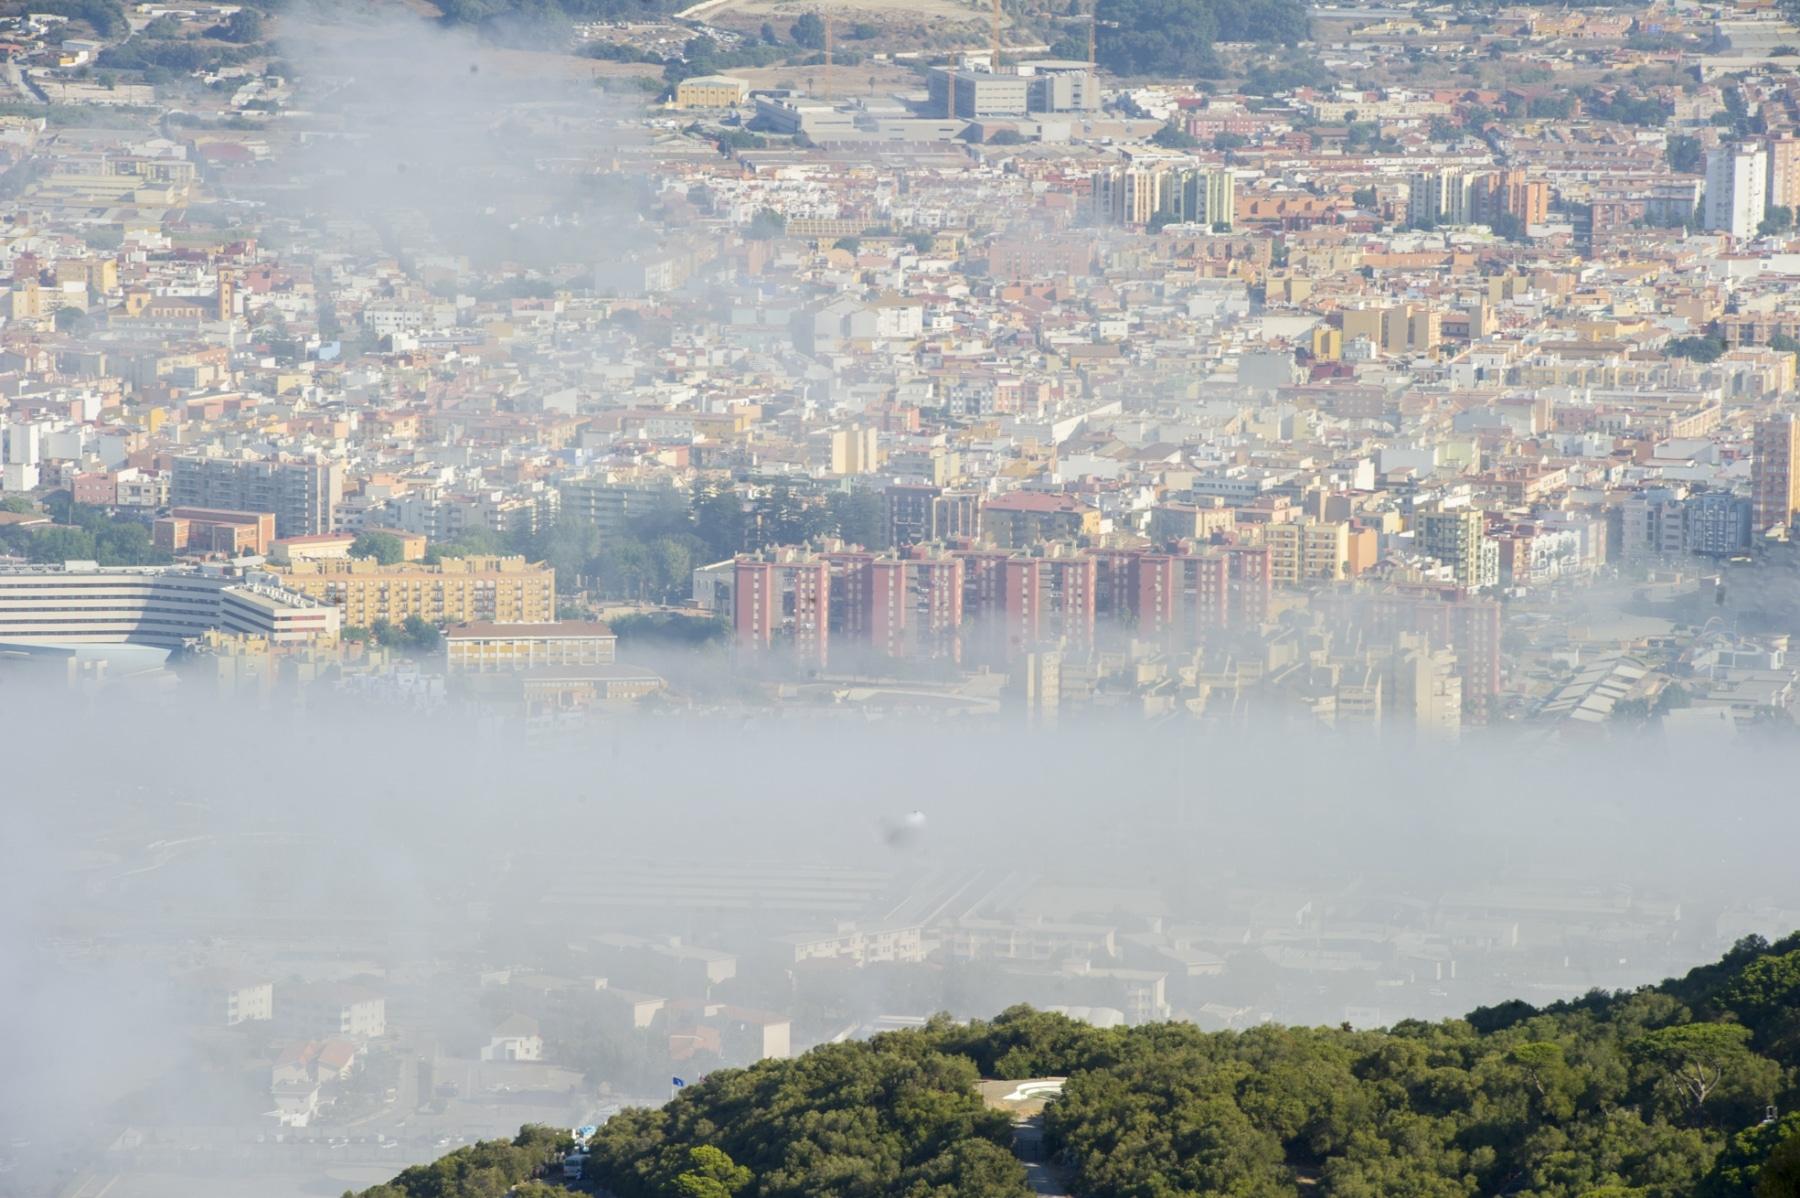 la-nube-de-levante-es-acompaante-habitual-de-la-parte-alta-del-pen-de-gibraltar_22725718382_o